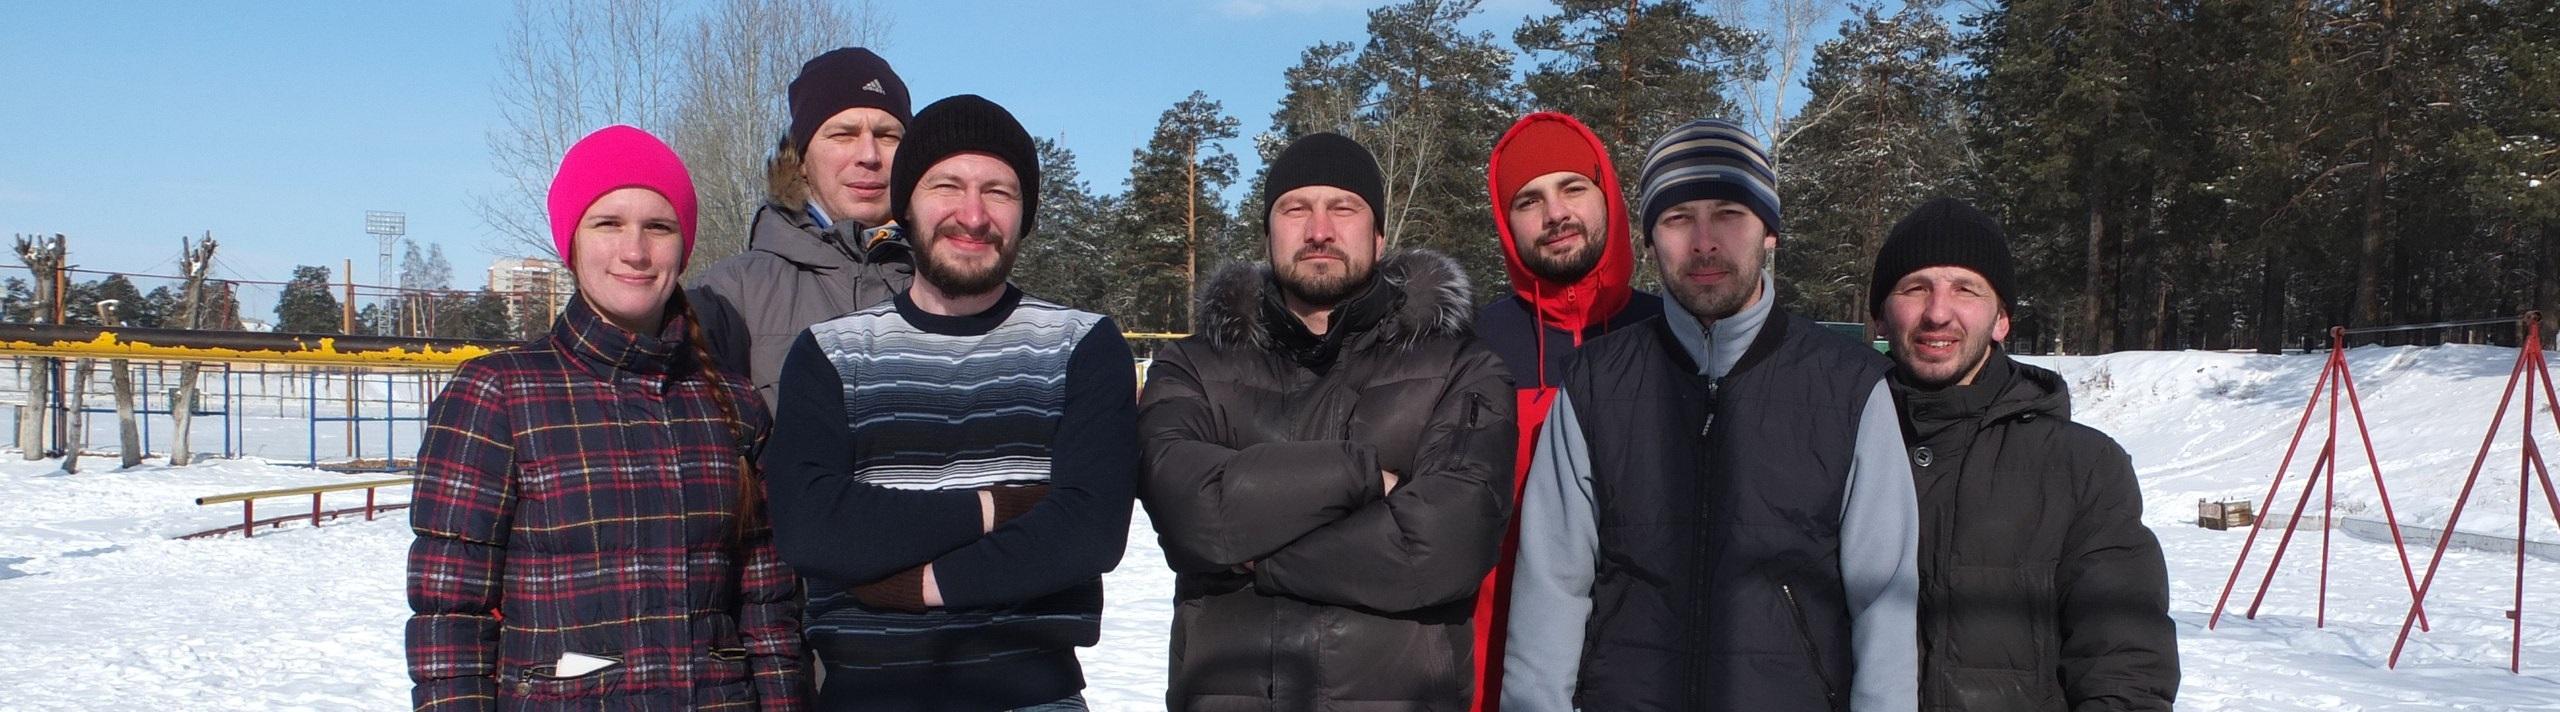 Первые открытые тренировки по воркауту при 15-19 градусах мороза прошли в Чите